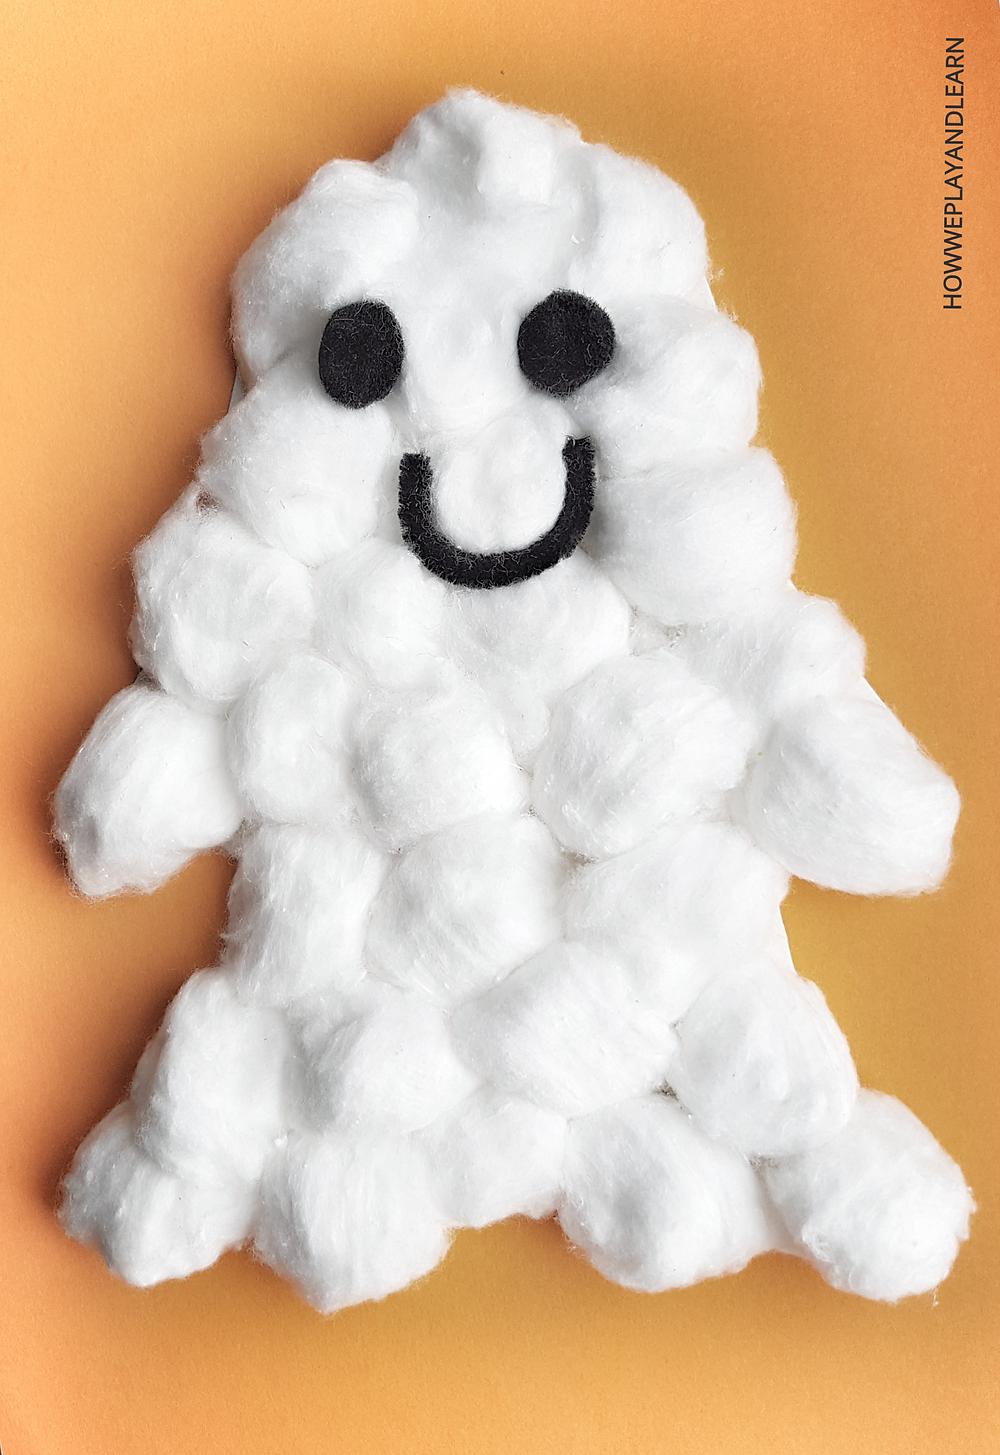 puffy ghost halloween craft on orange background